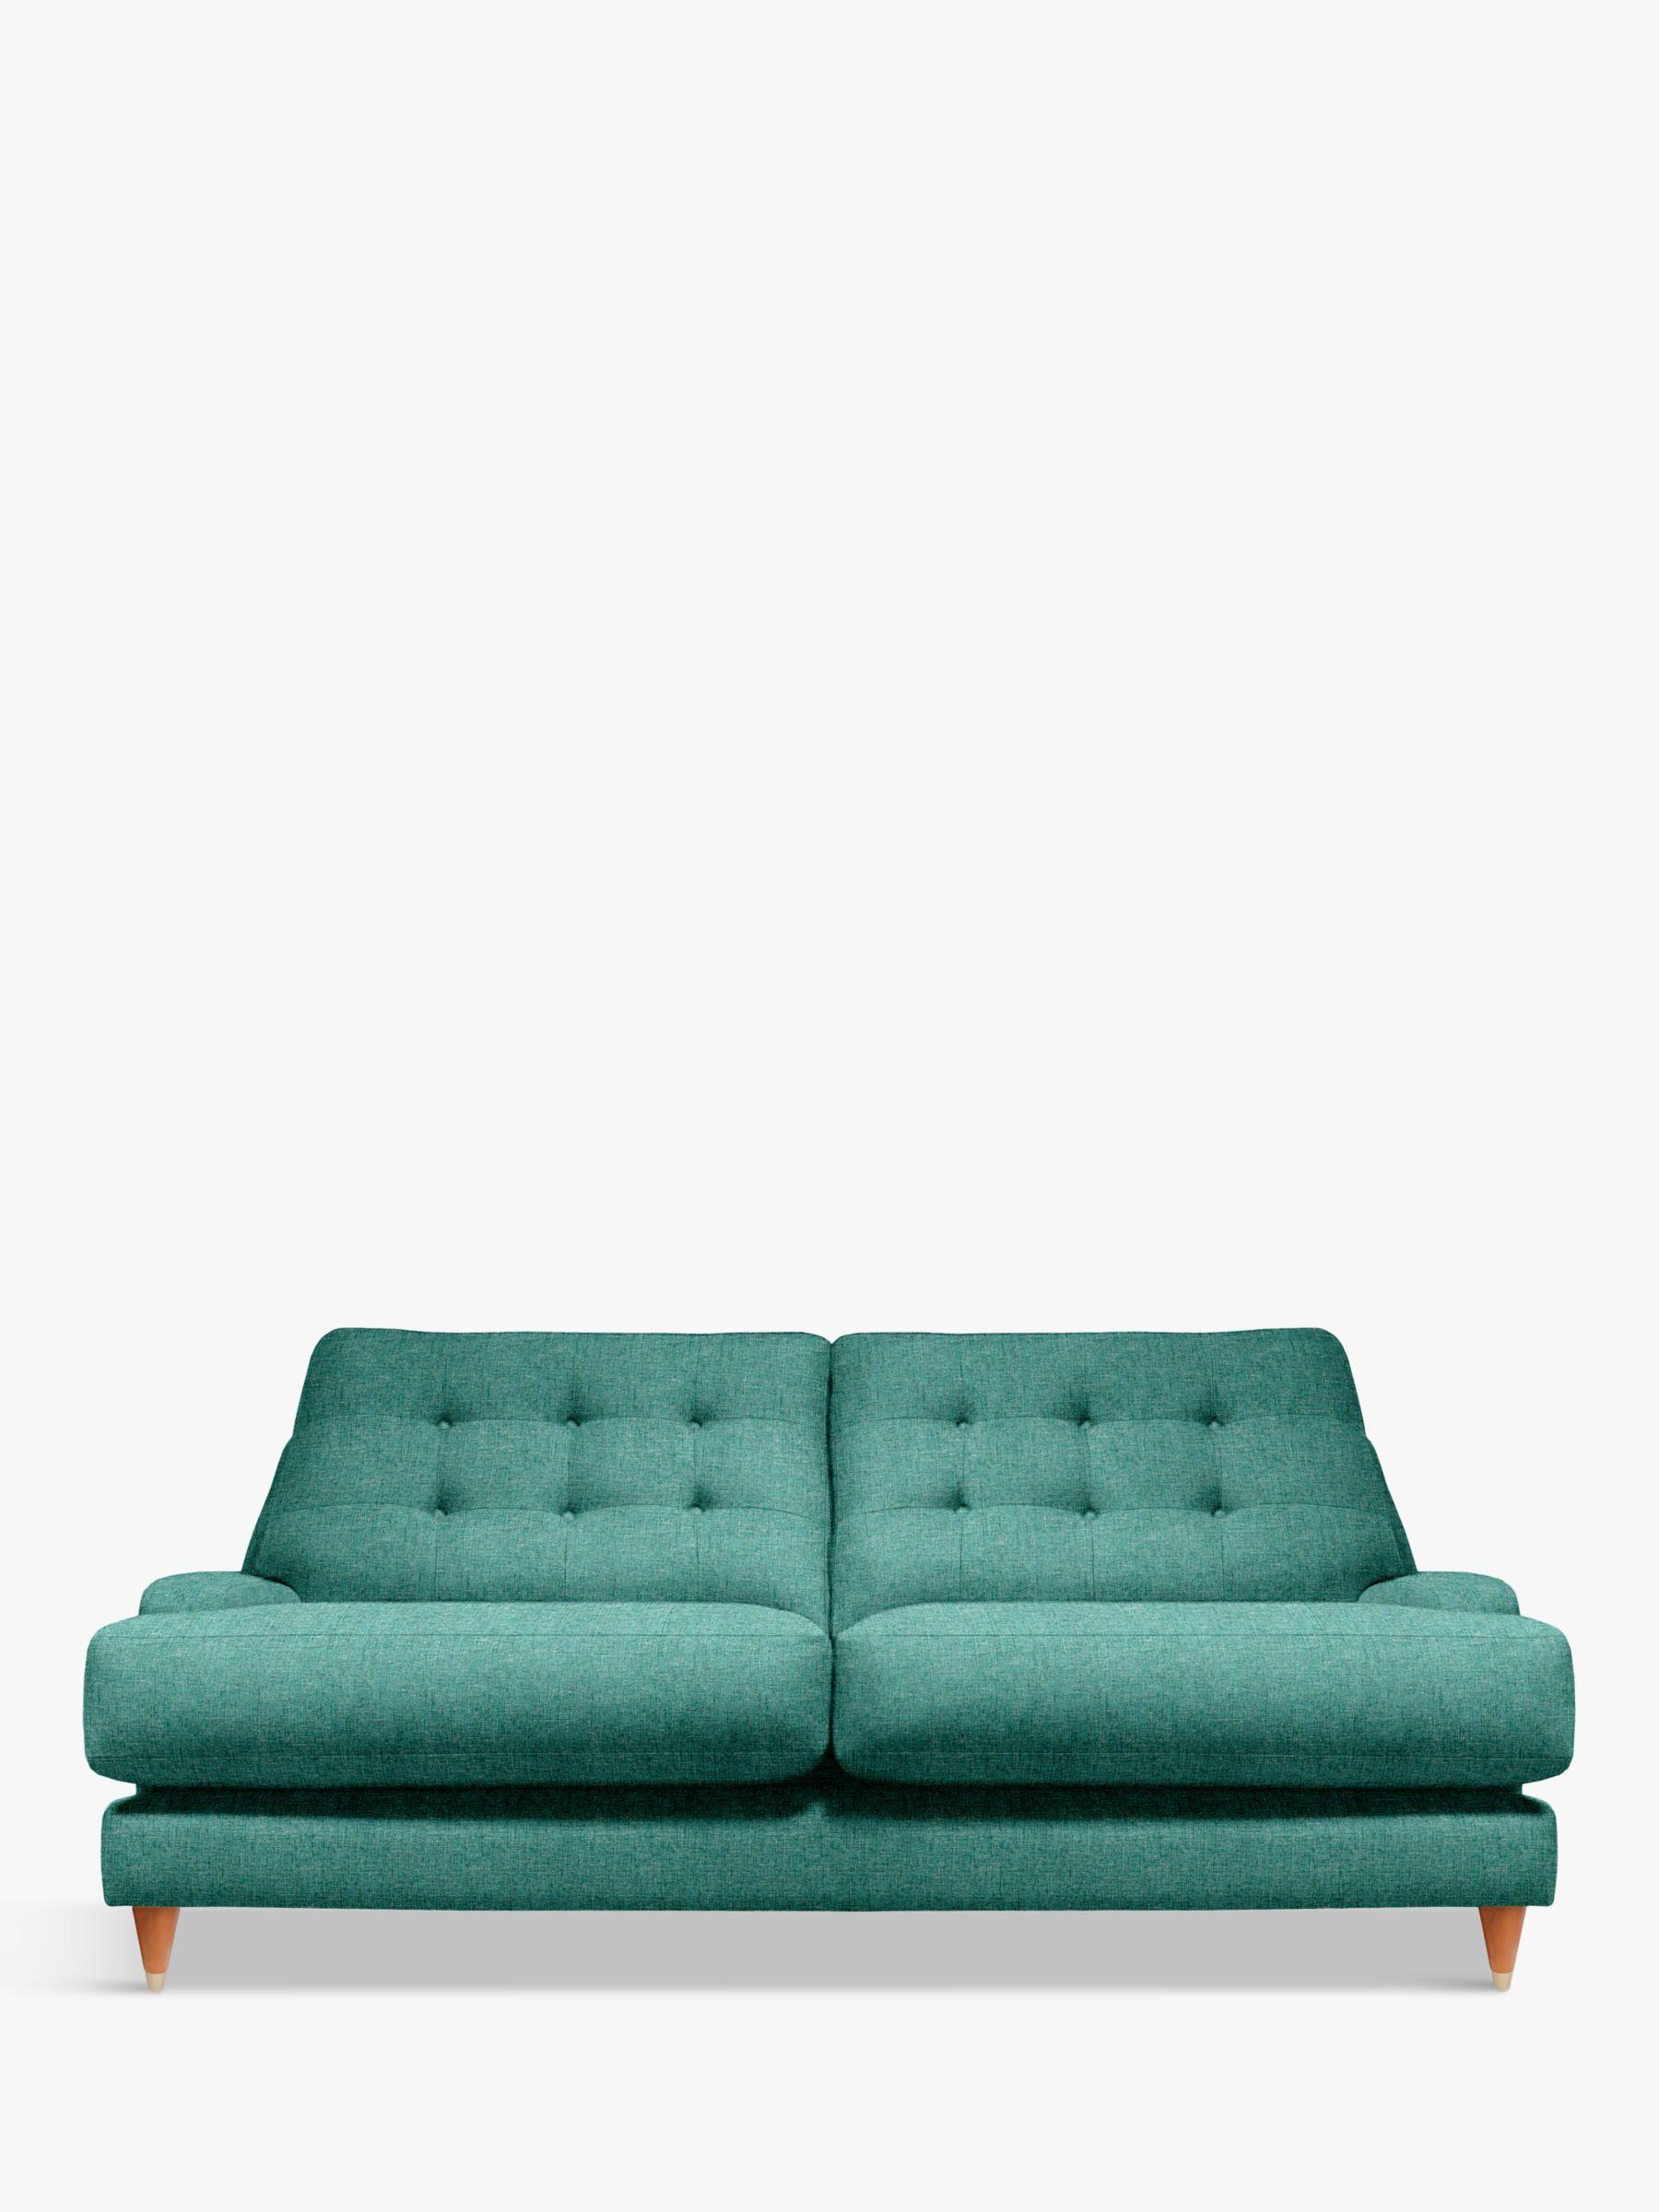 G Plan Vintage G Plan Vintage The Fifty Seven Large 3 Seater Sofa, Sorren Teal